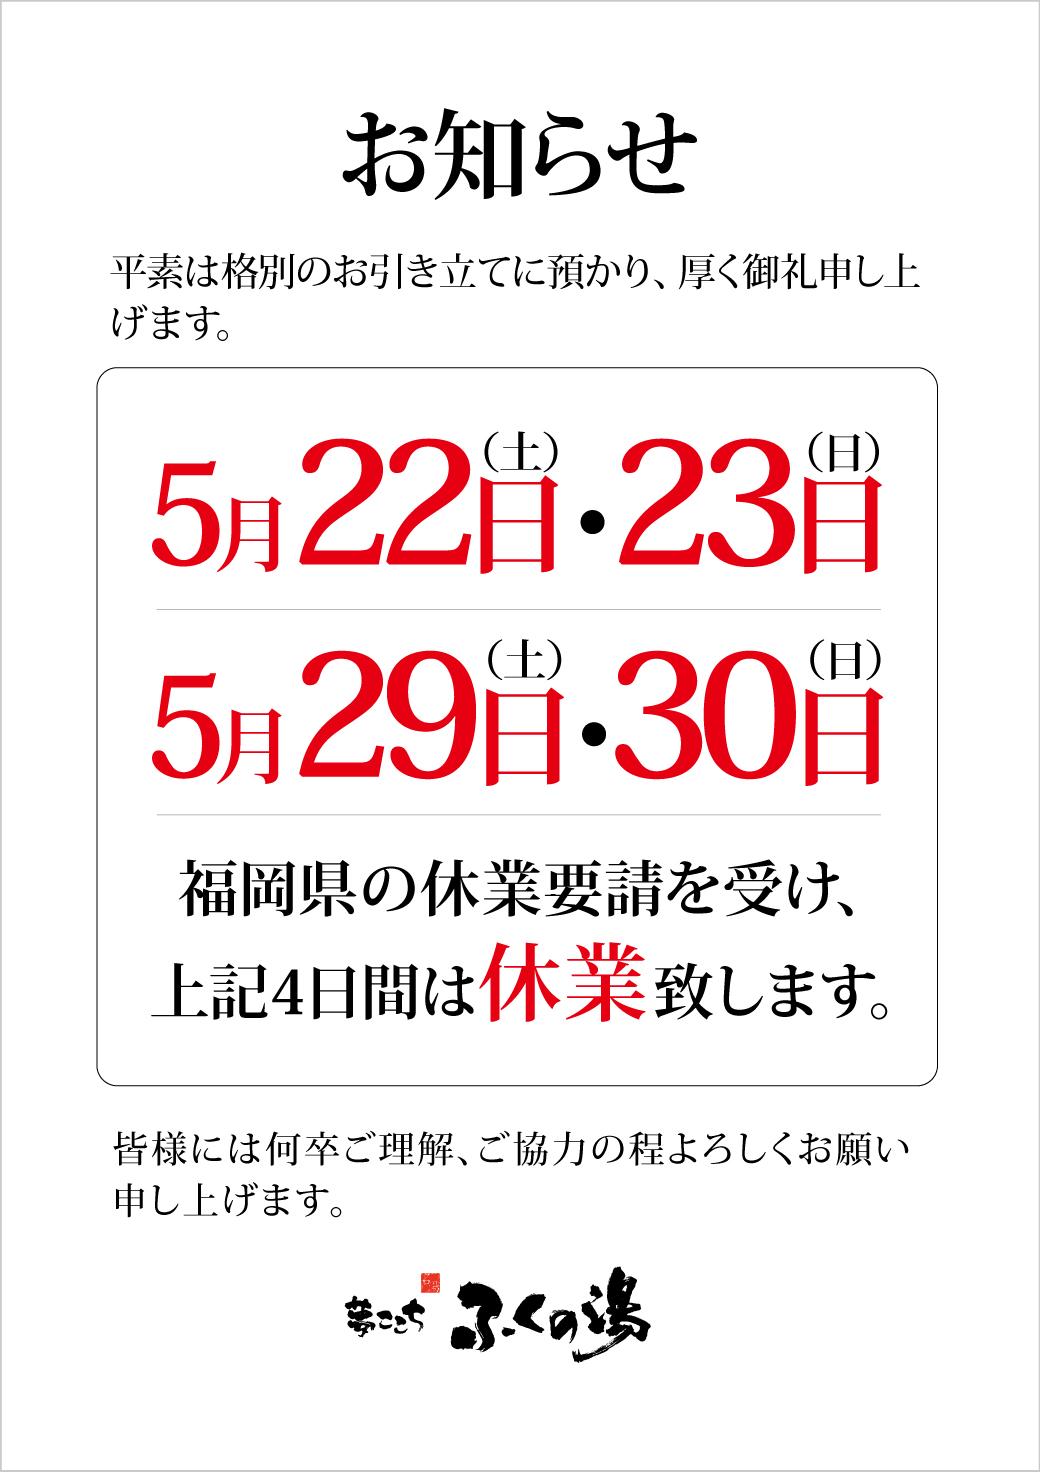 【5月】土日休業のお知らせ